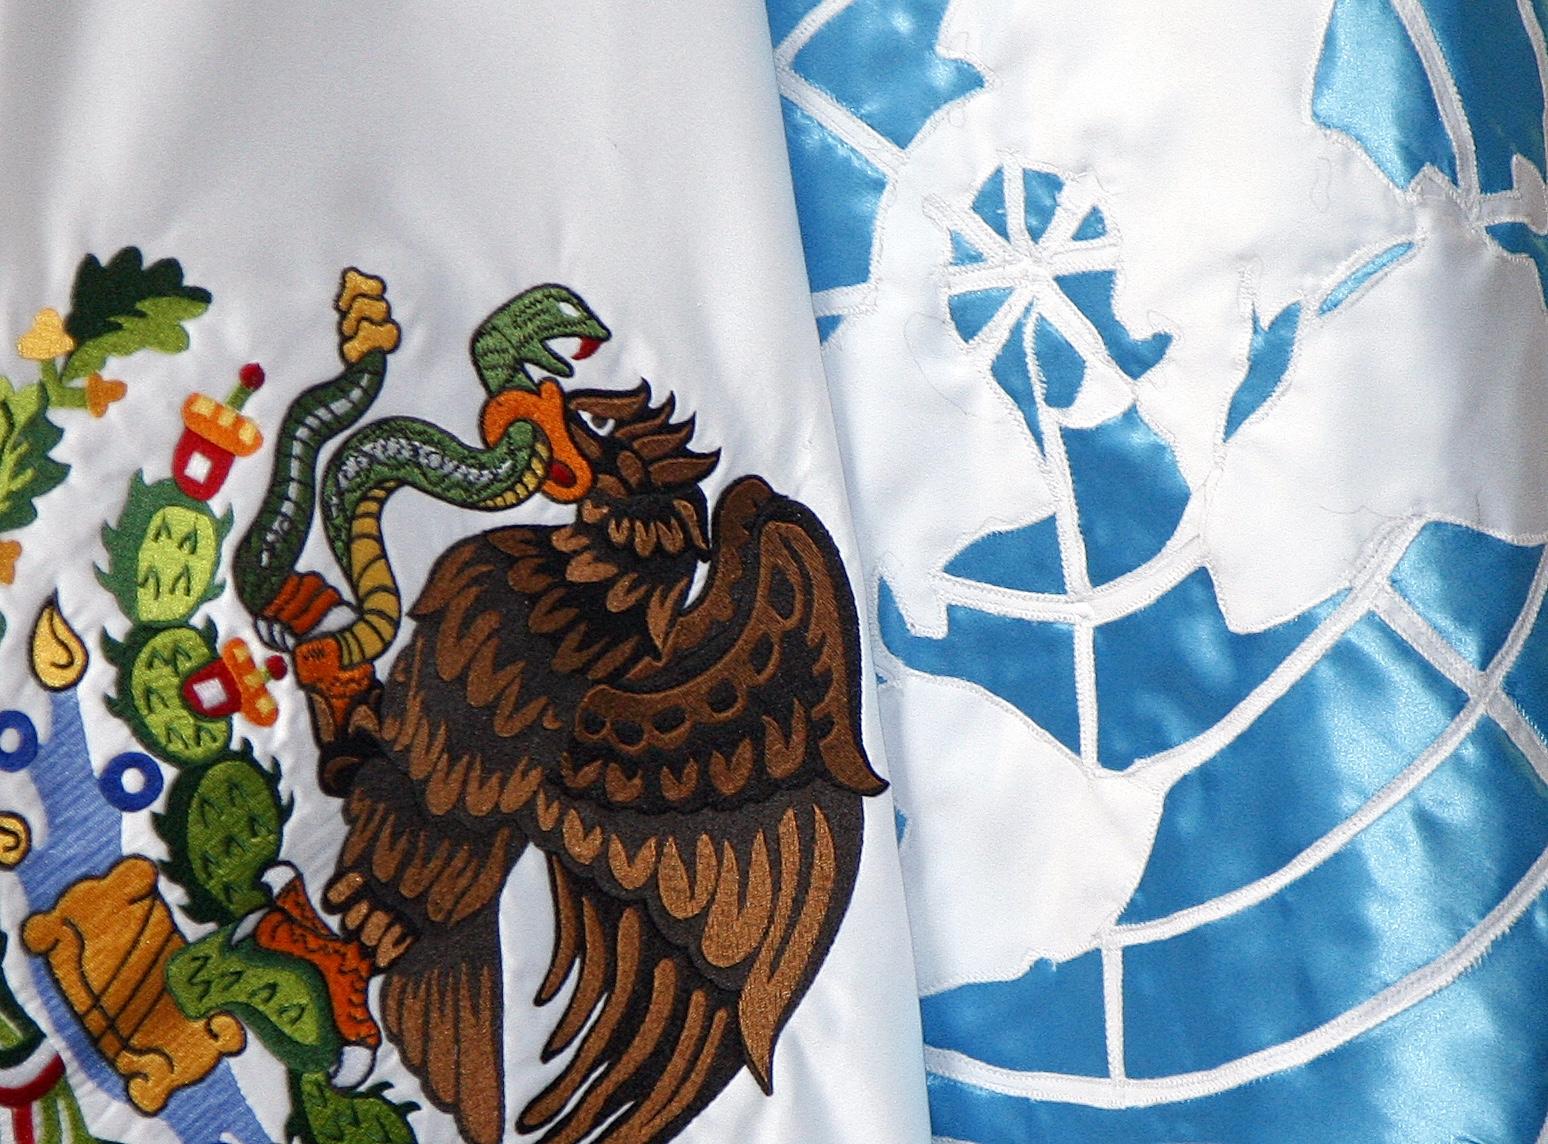 México nuevo miembro del Consejo de Seguridad de la ONU